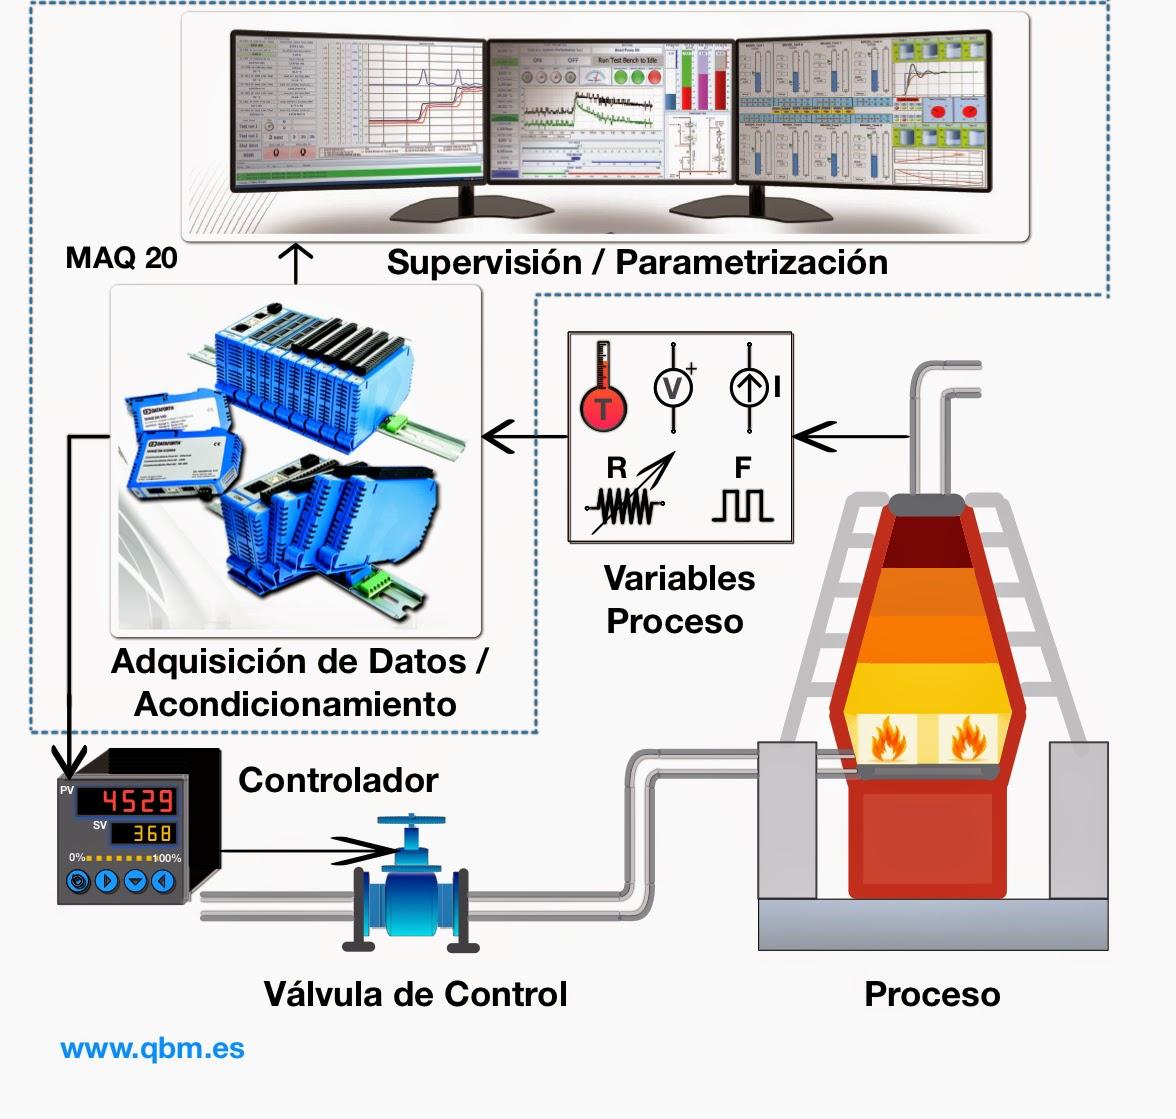 MAQ20 - Sistema Modular de Adquisición de Datos y Control